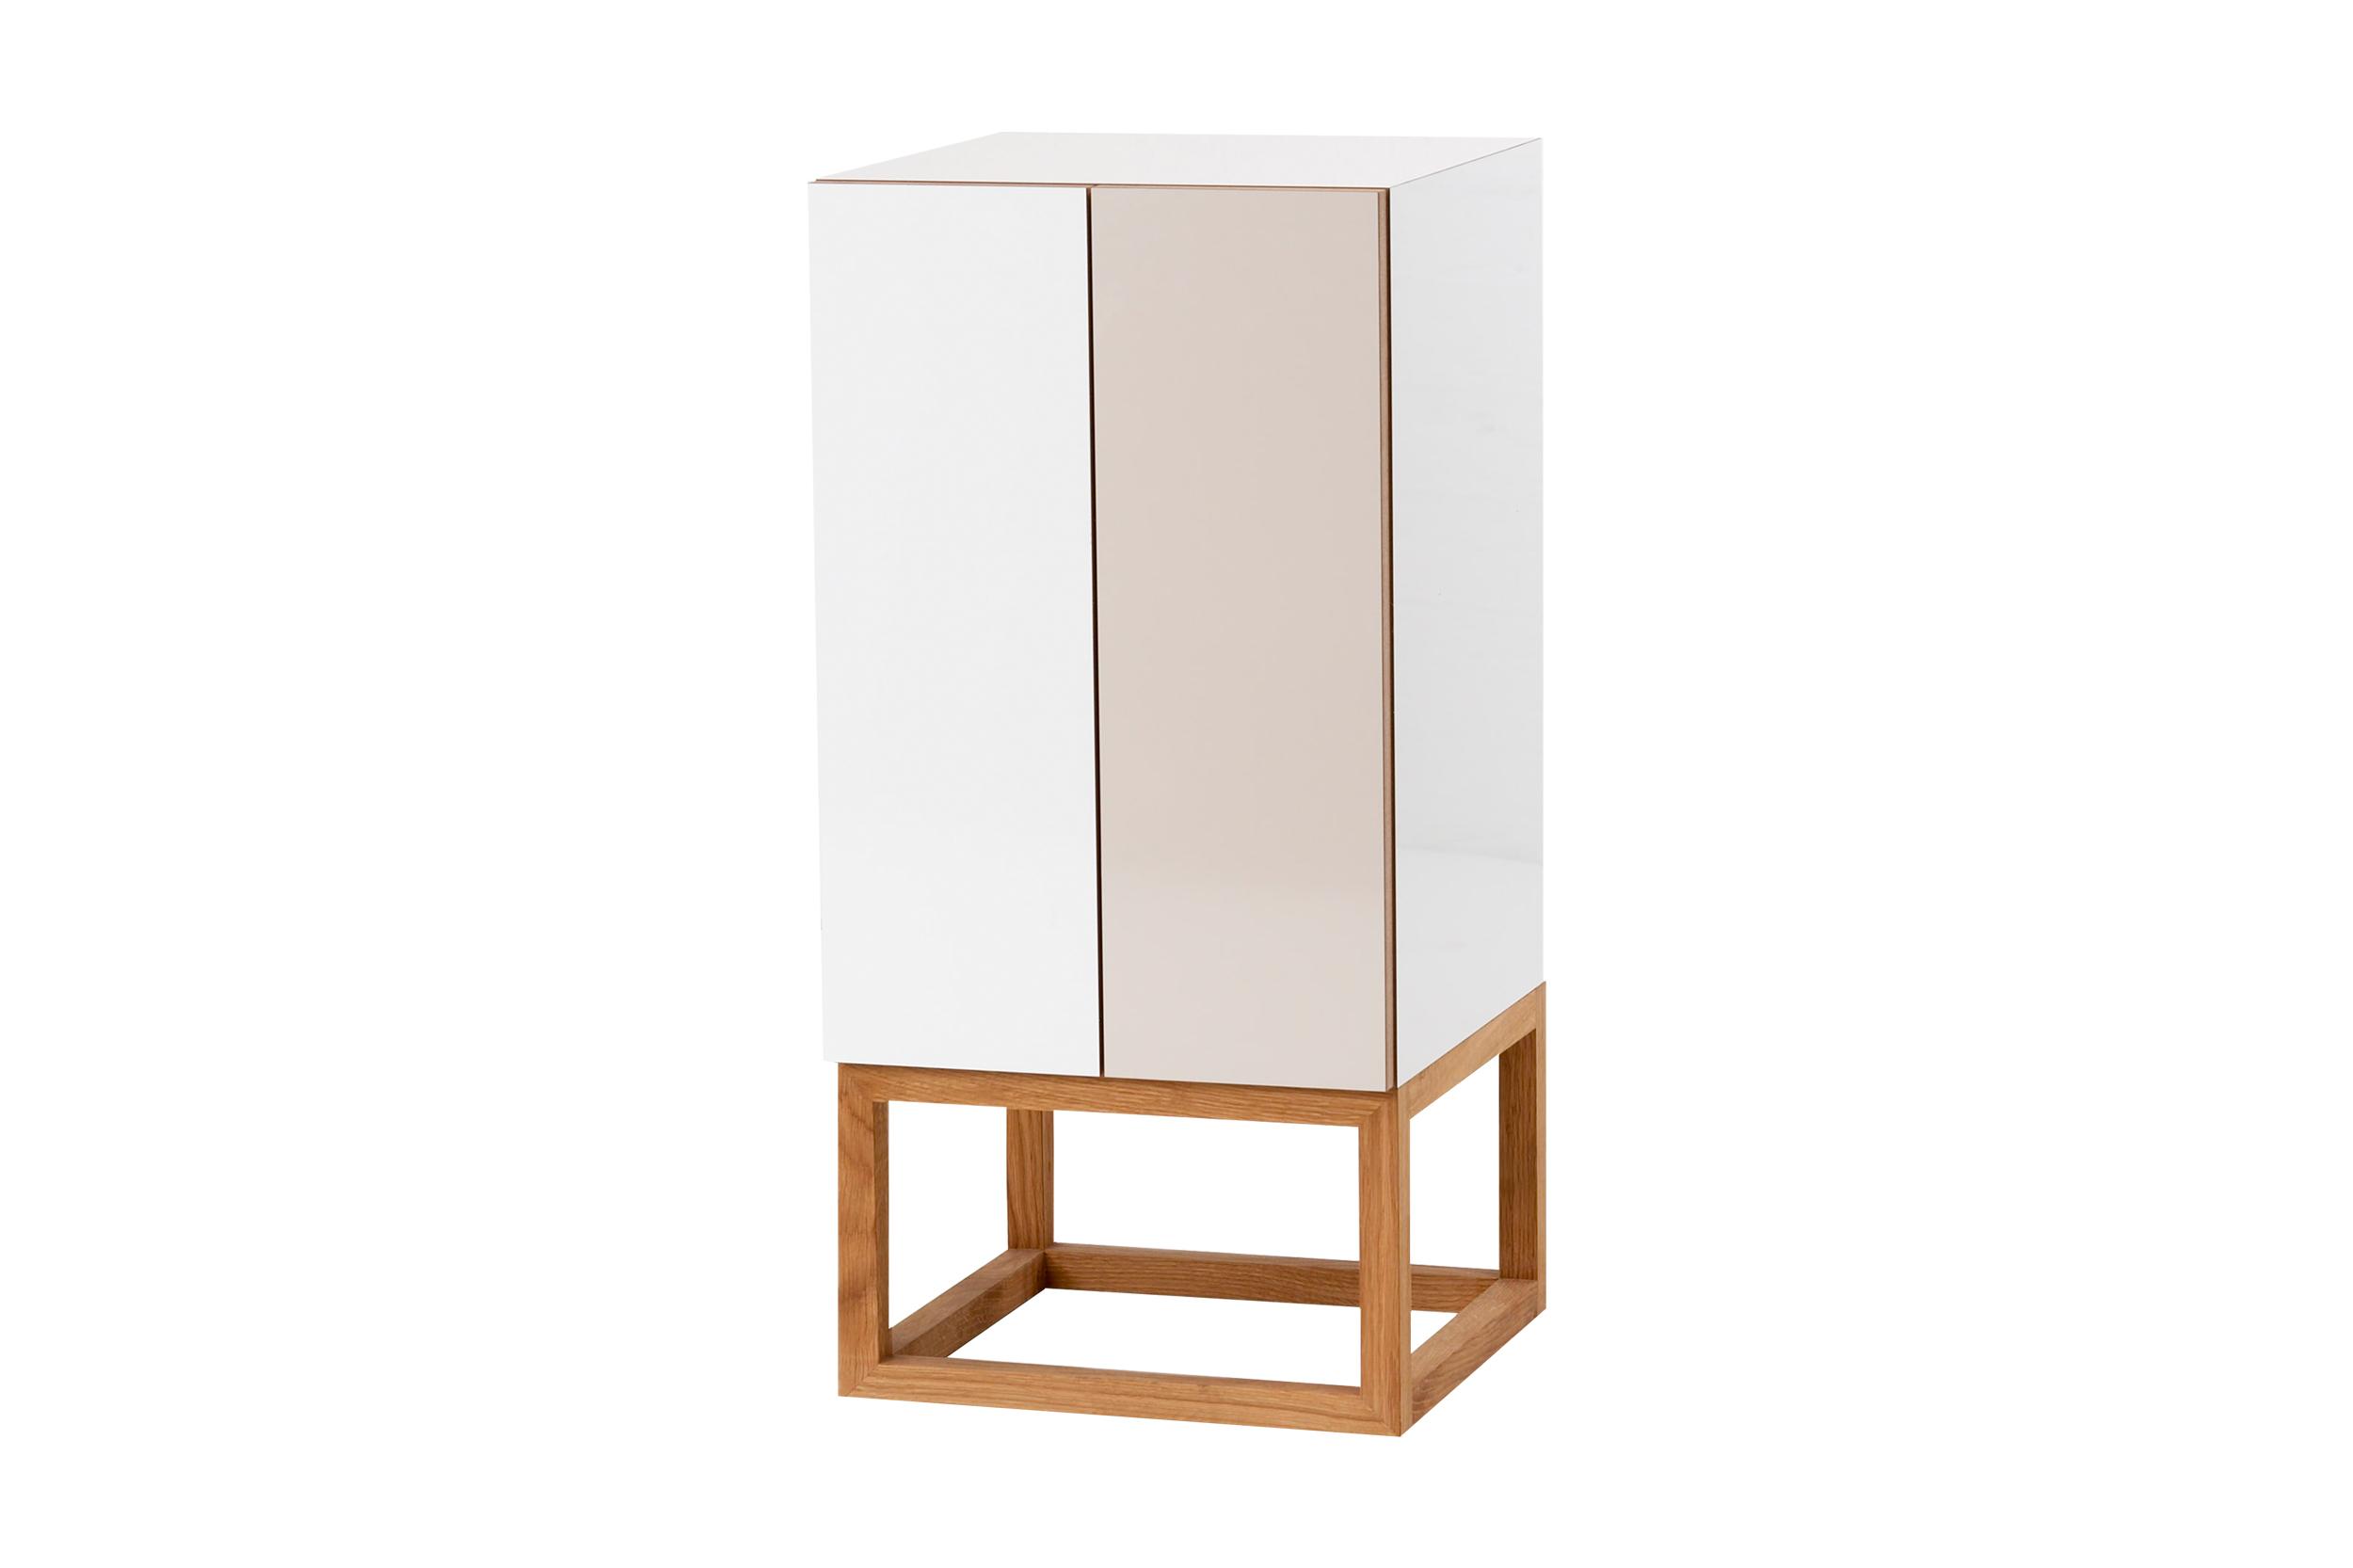 Habitek Stipe cabinet in white and beige